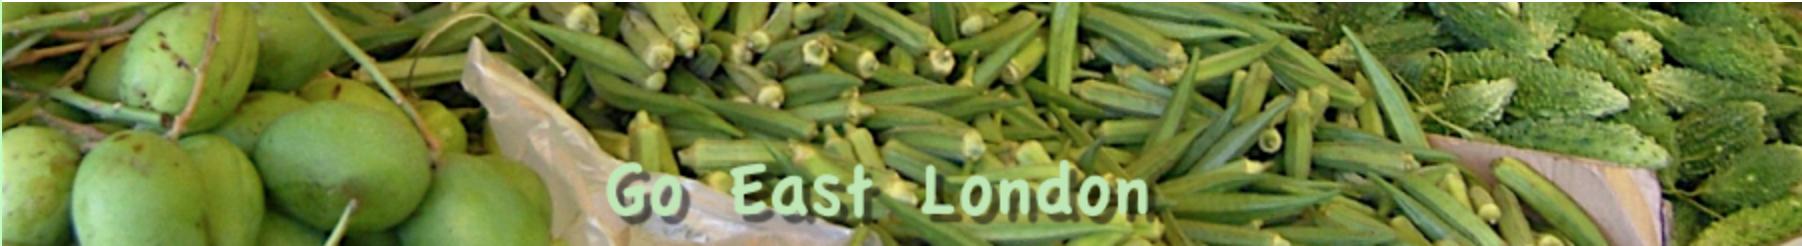 GoEast banner